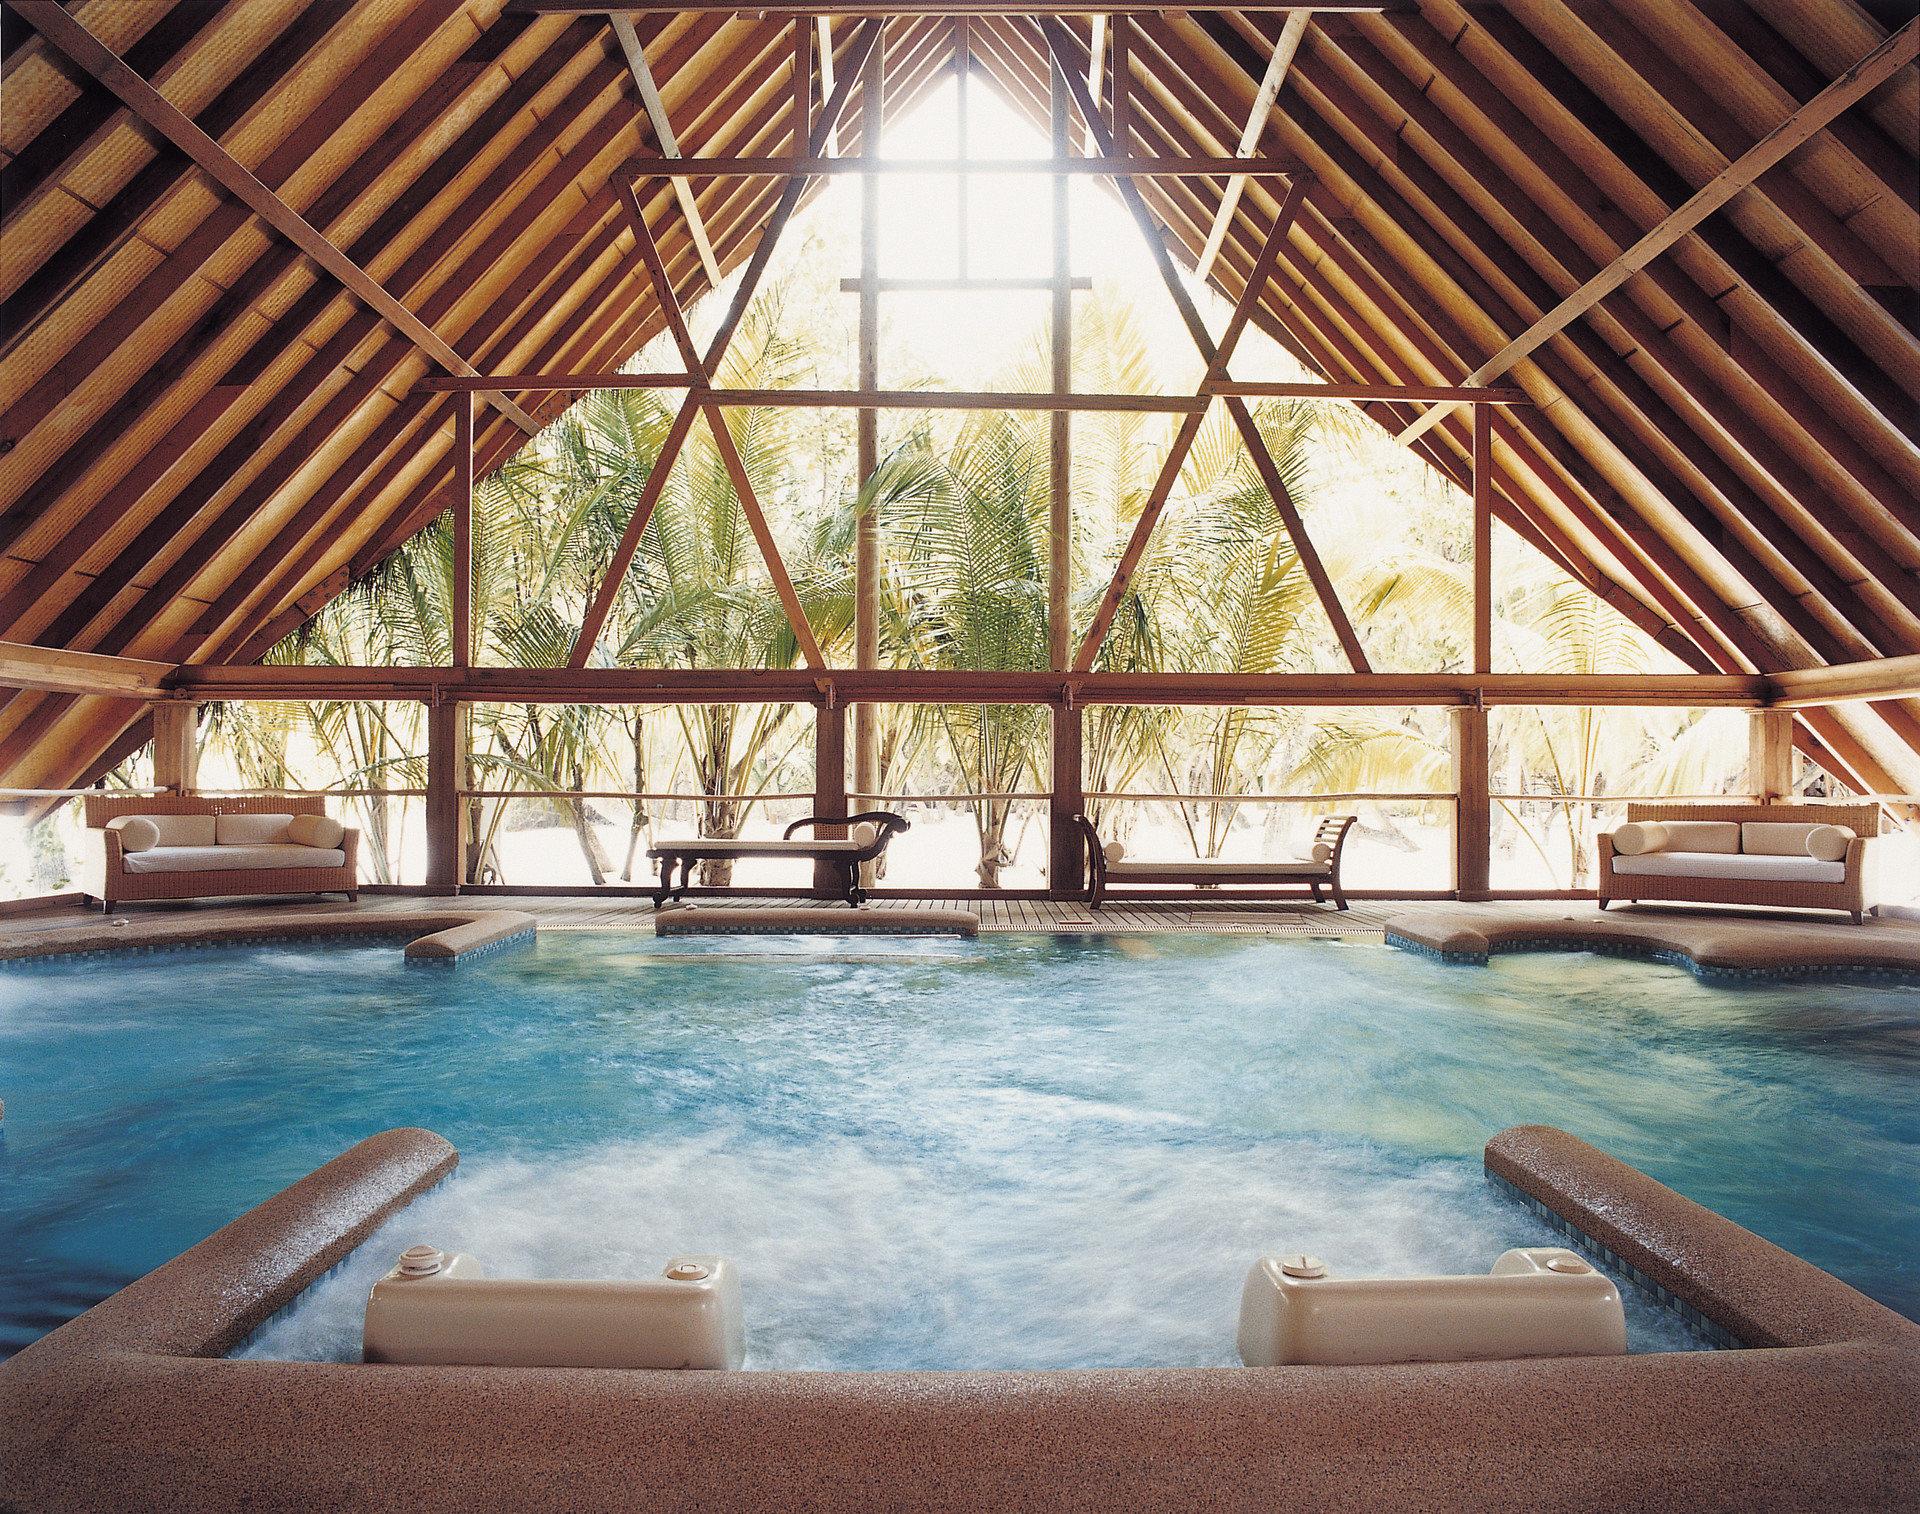 Hotels Living sofa room indoor swimming pool property building Resort estate cottage Villa eco hotel furniture